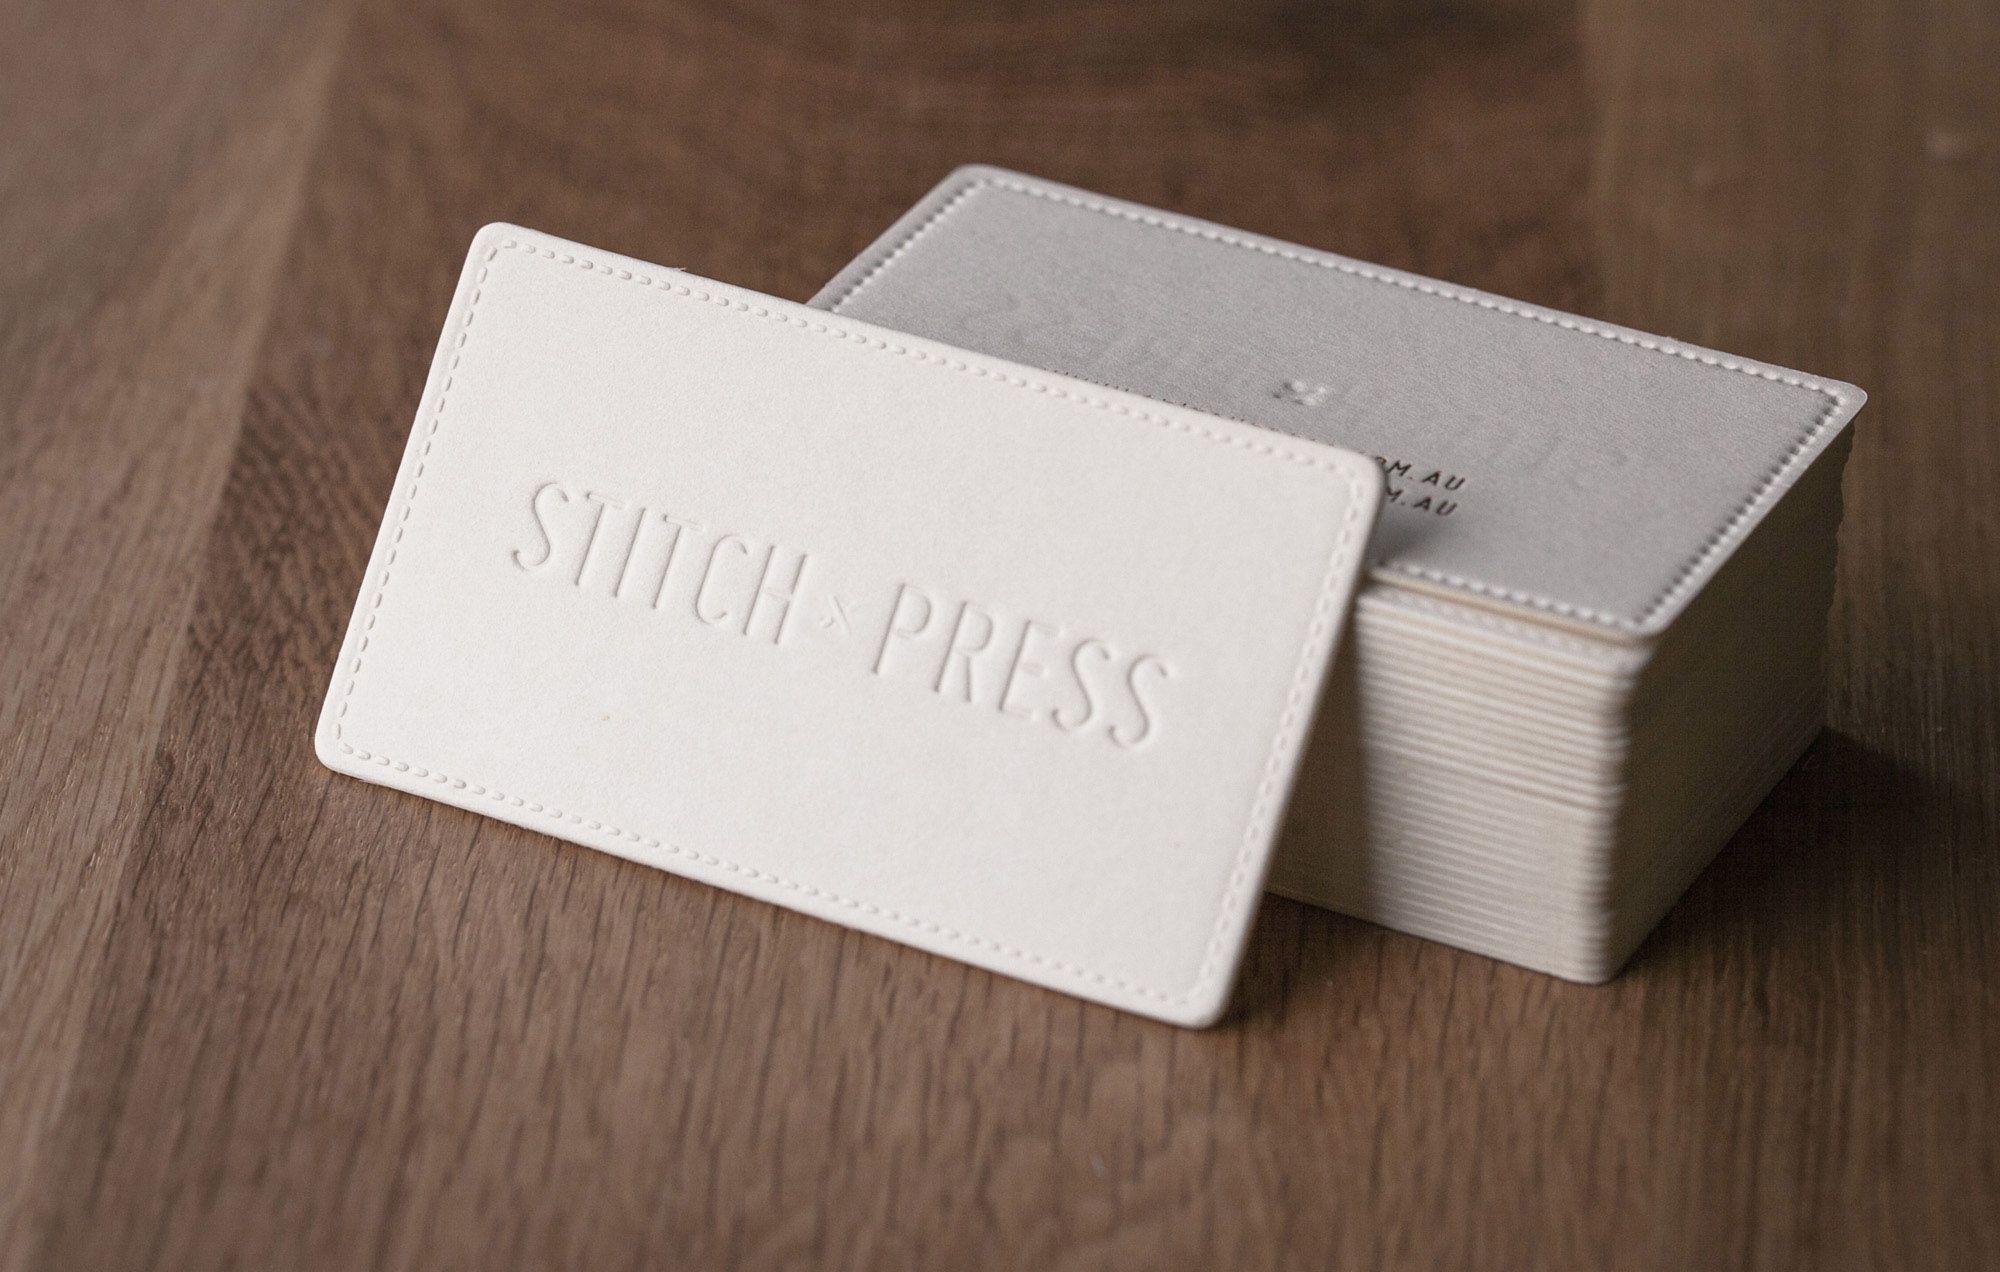 foiling business card, stitch press business card #LoveLetterpress ...